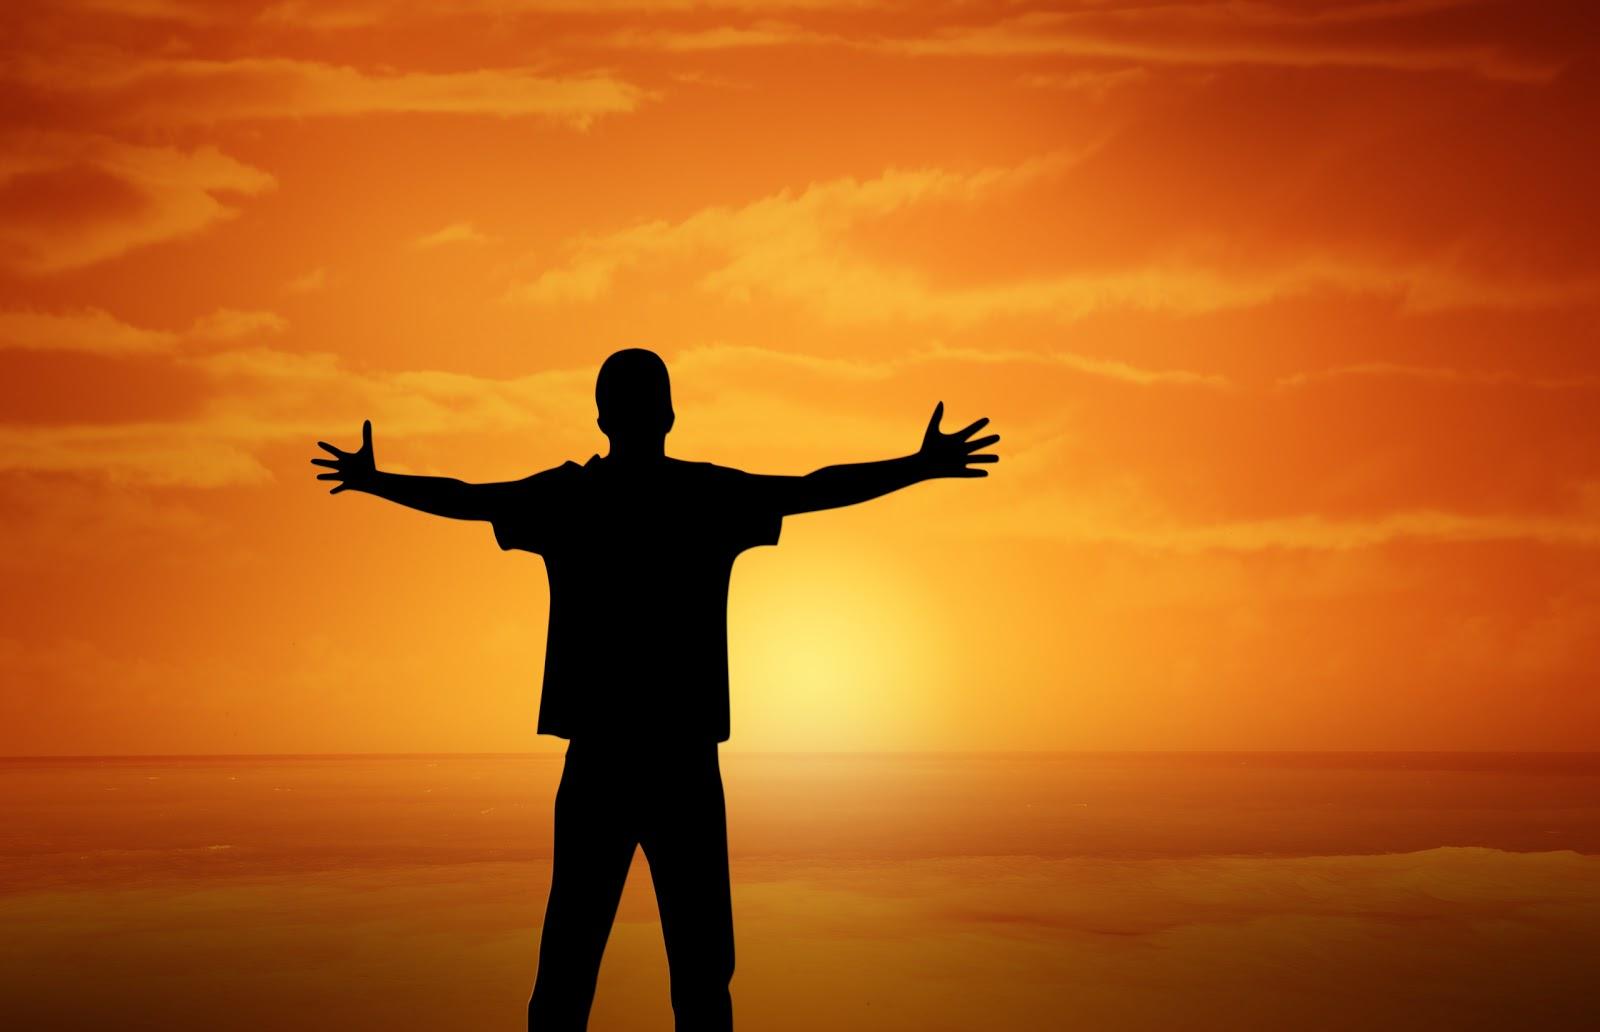 海の彼方の夕陽に向かって一人の男性が両腕を左右に広げて立っている